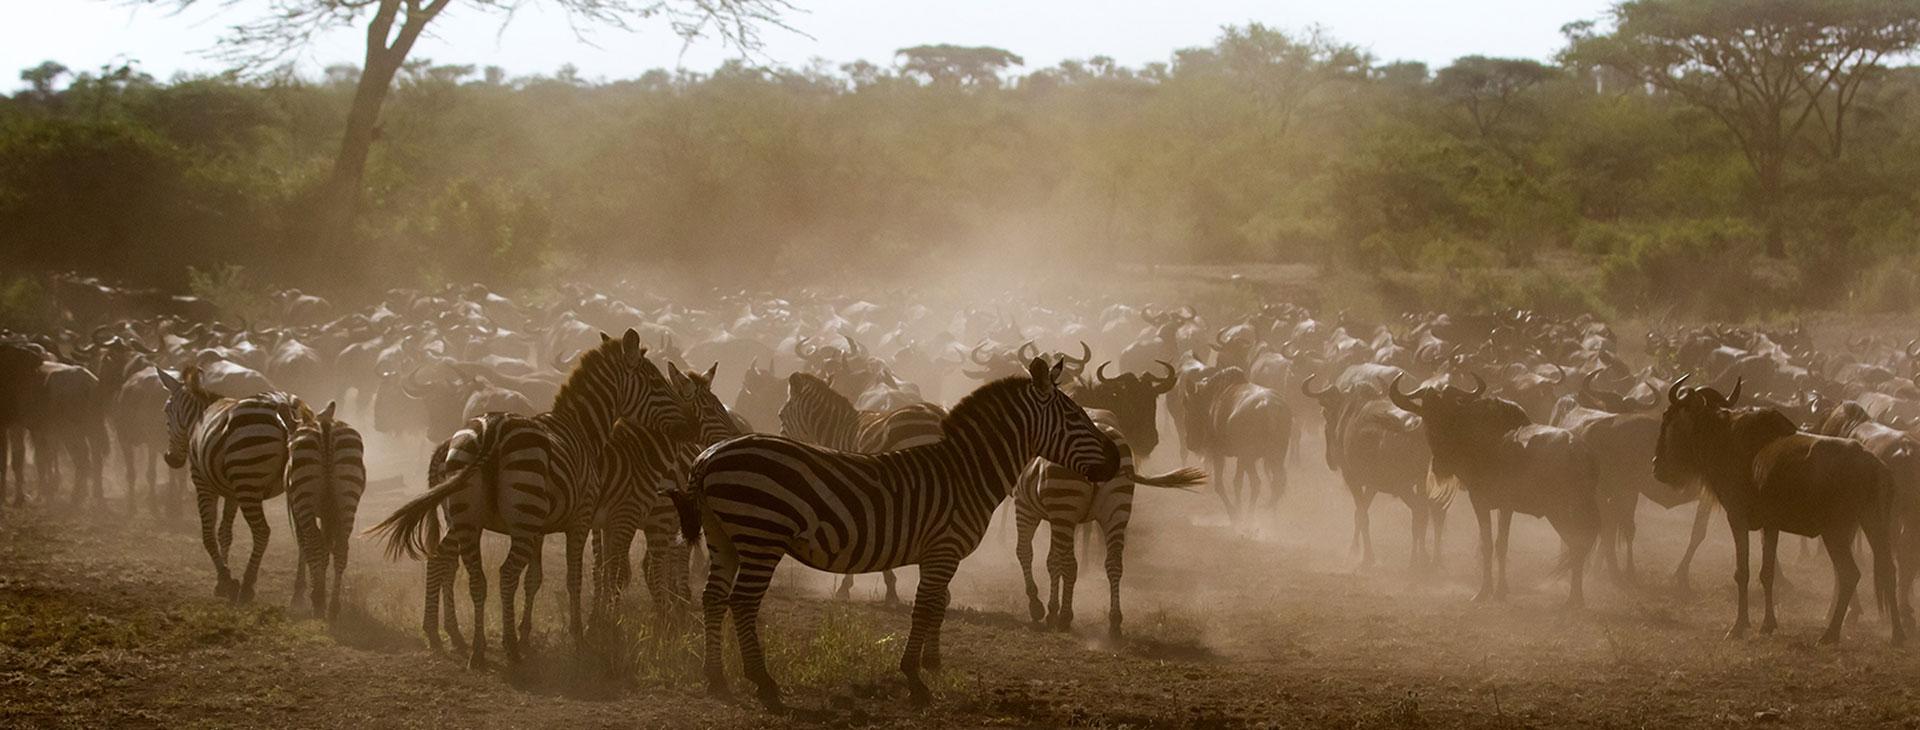 Wildebeest Calving Safari